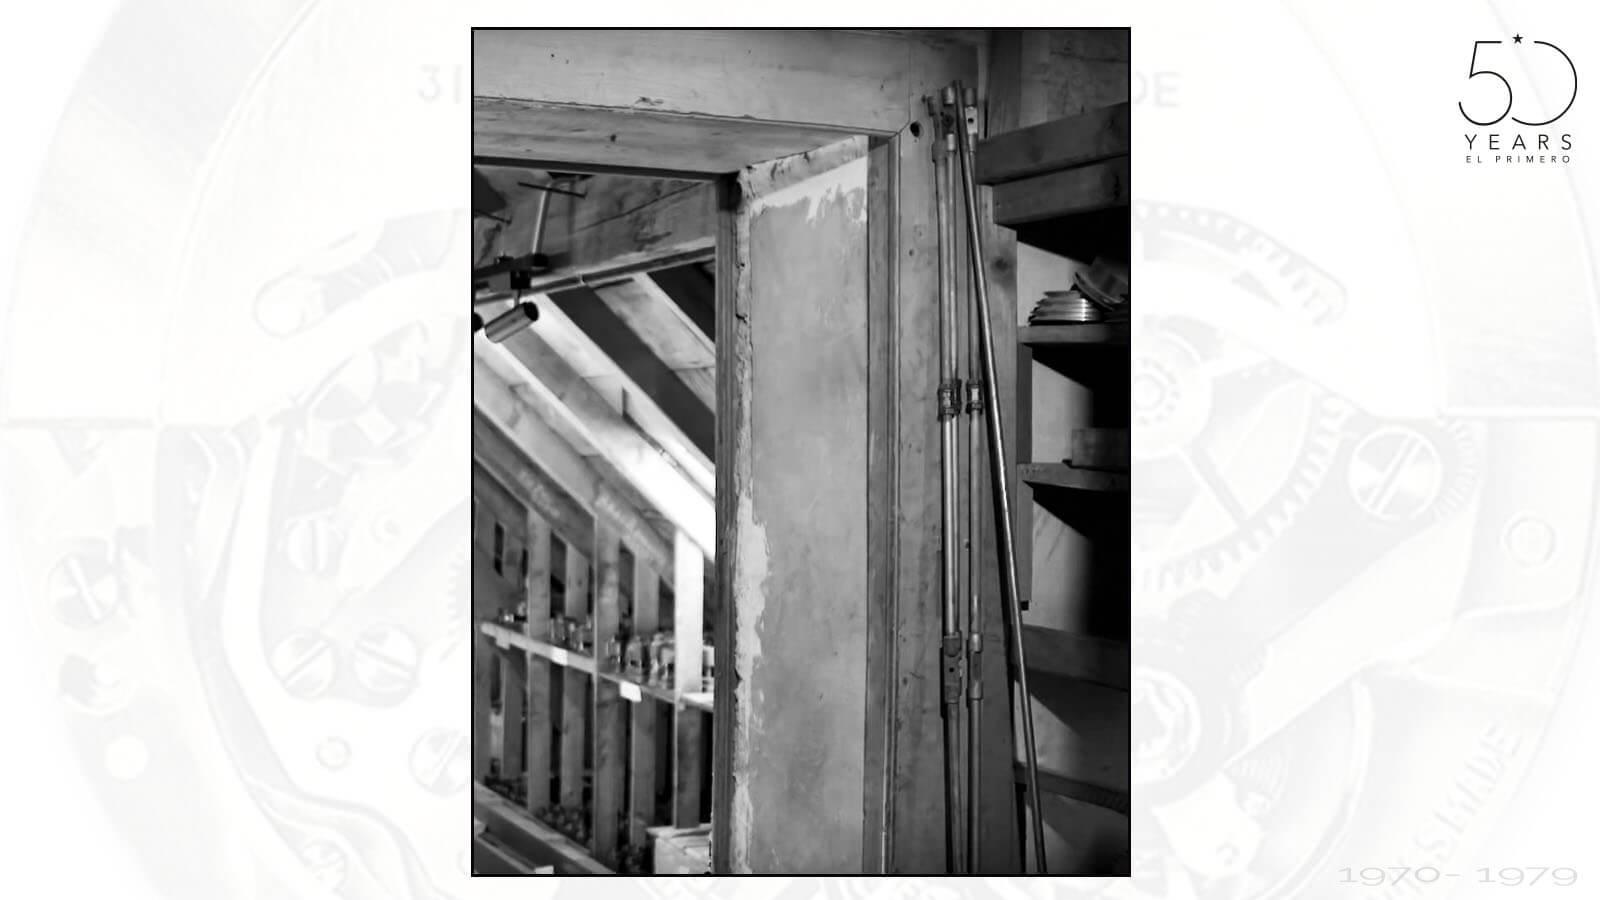 Zugang zum Raum, in dem Charles Vermont die Teile und Werkzeuge versteckte und zumauern ließ